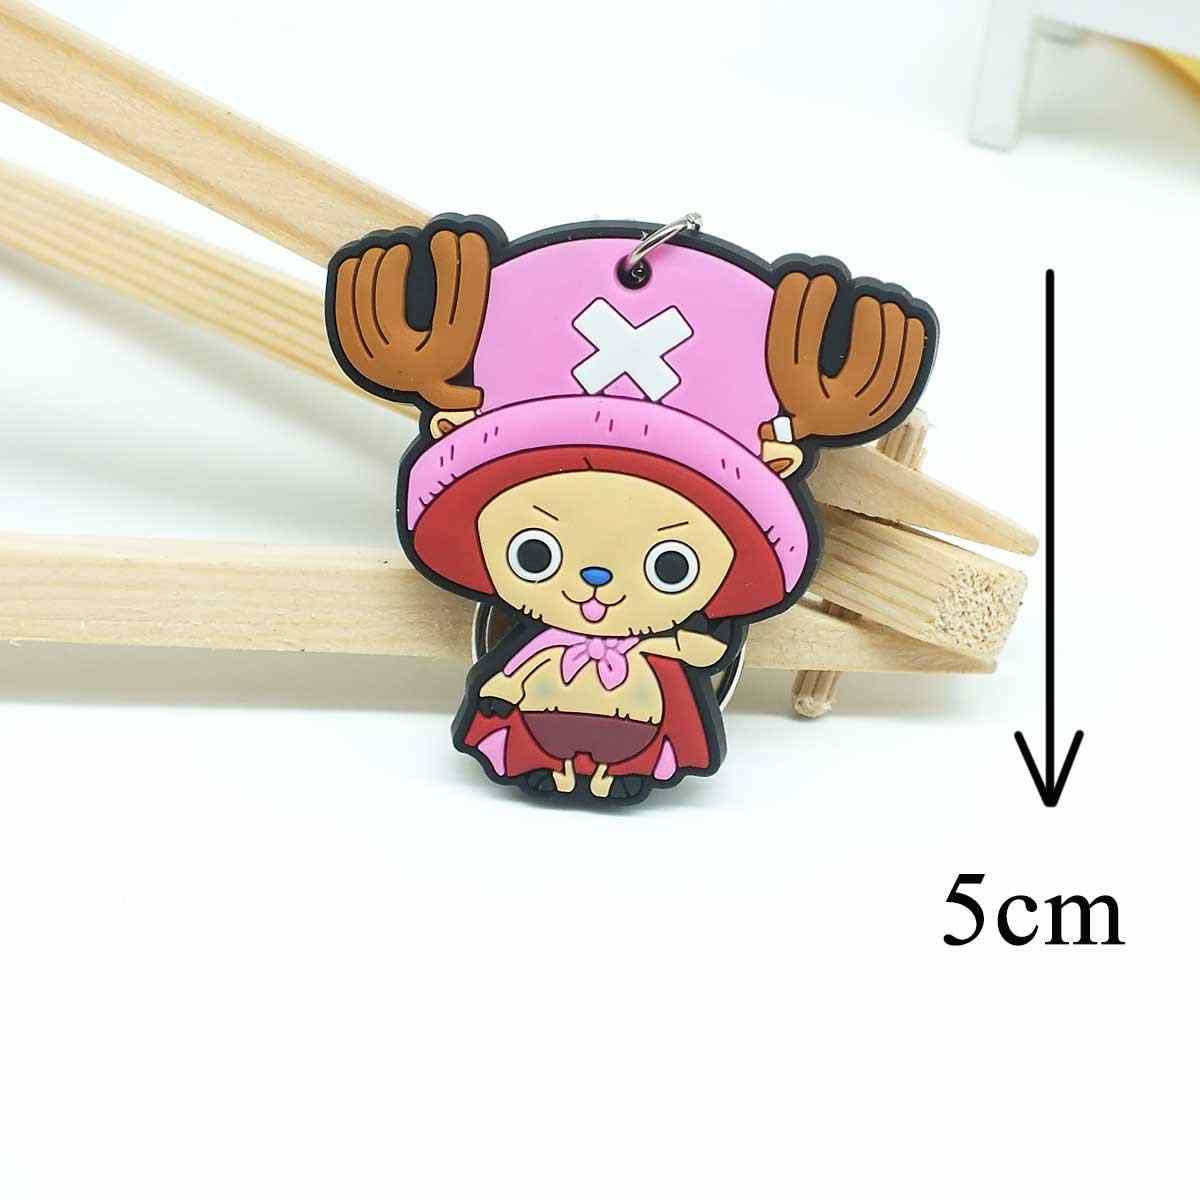 Zoeber Аниме пластиковый брелок для ключей с анимационными рисунками милый кролик Марвел Капитан Сова KT брелок для женщин брелок сумка телефон цепь ремней